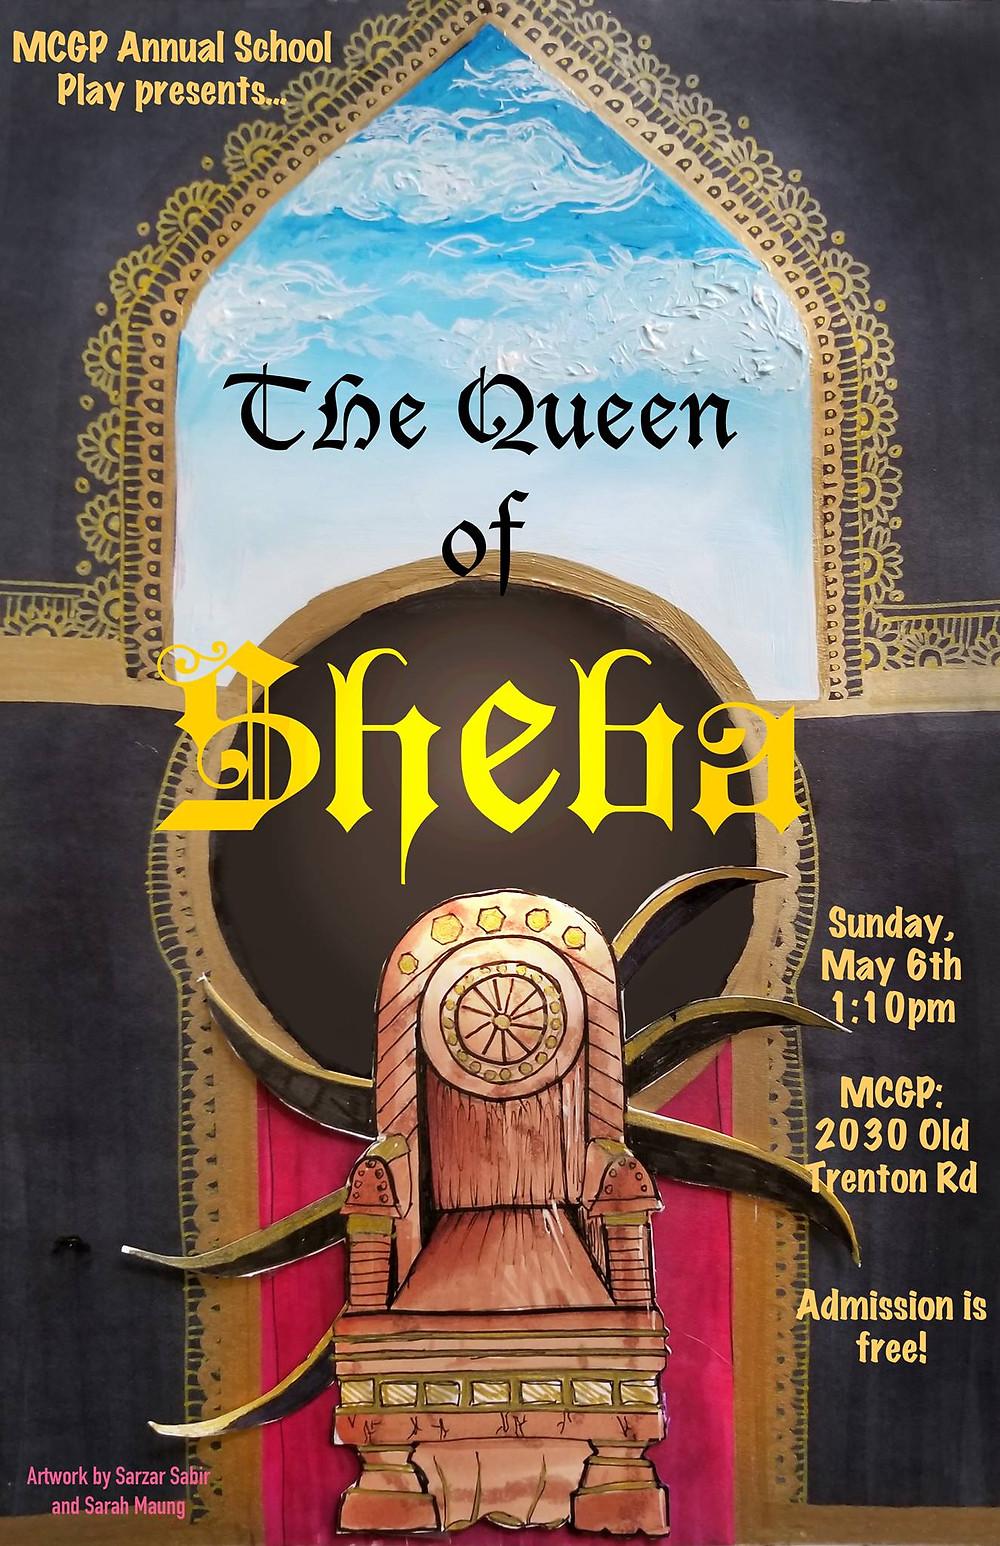 MCGP_Queen of Sheba Play